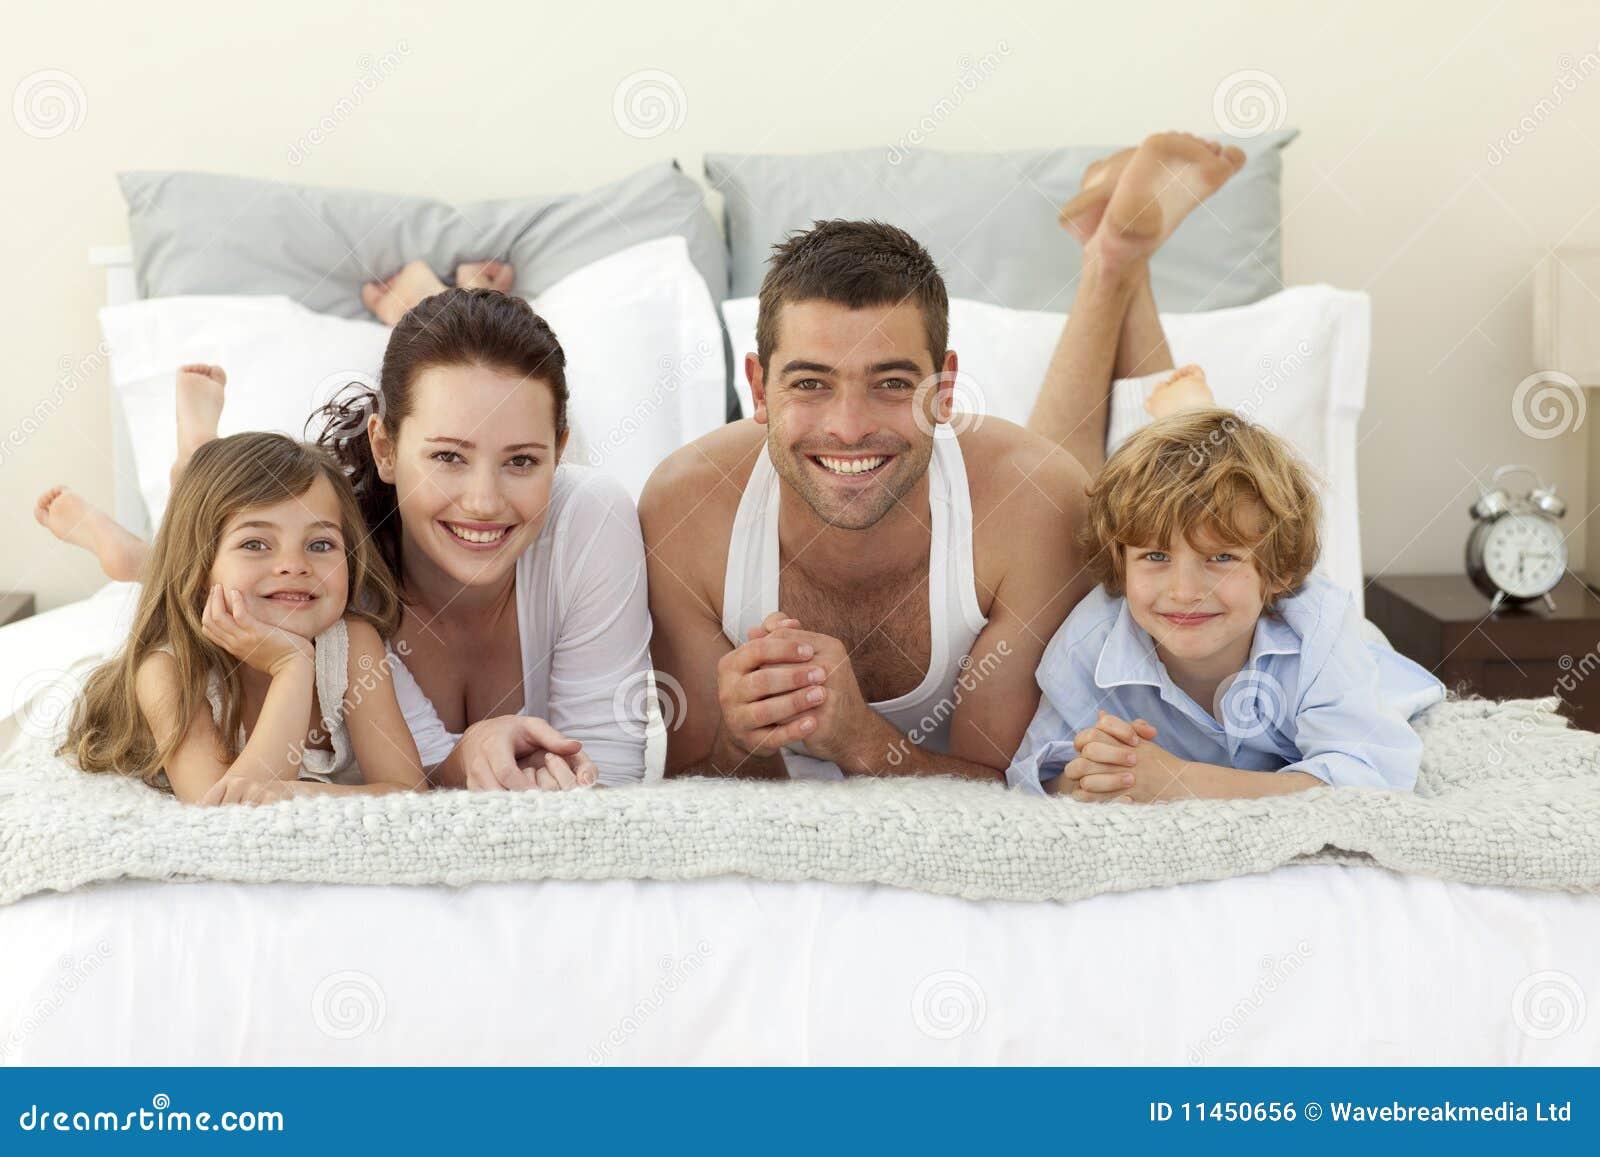 Семейное фото в постели 7 фотография